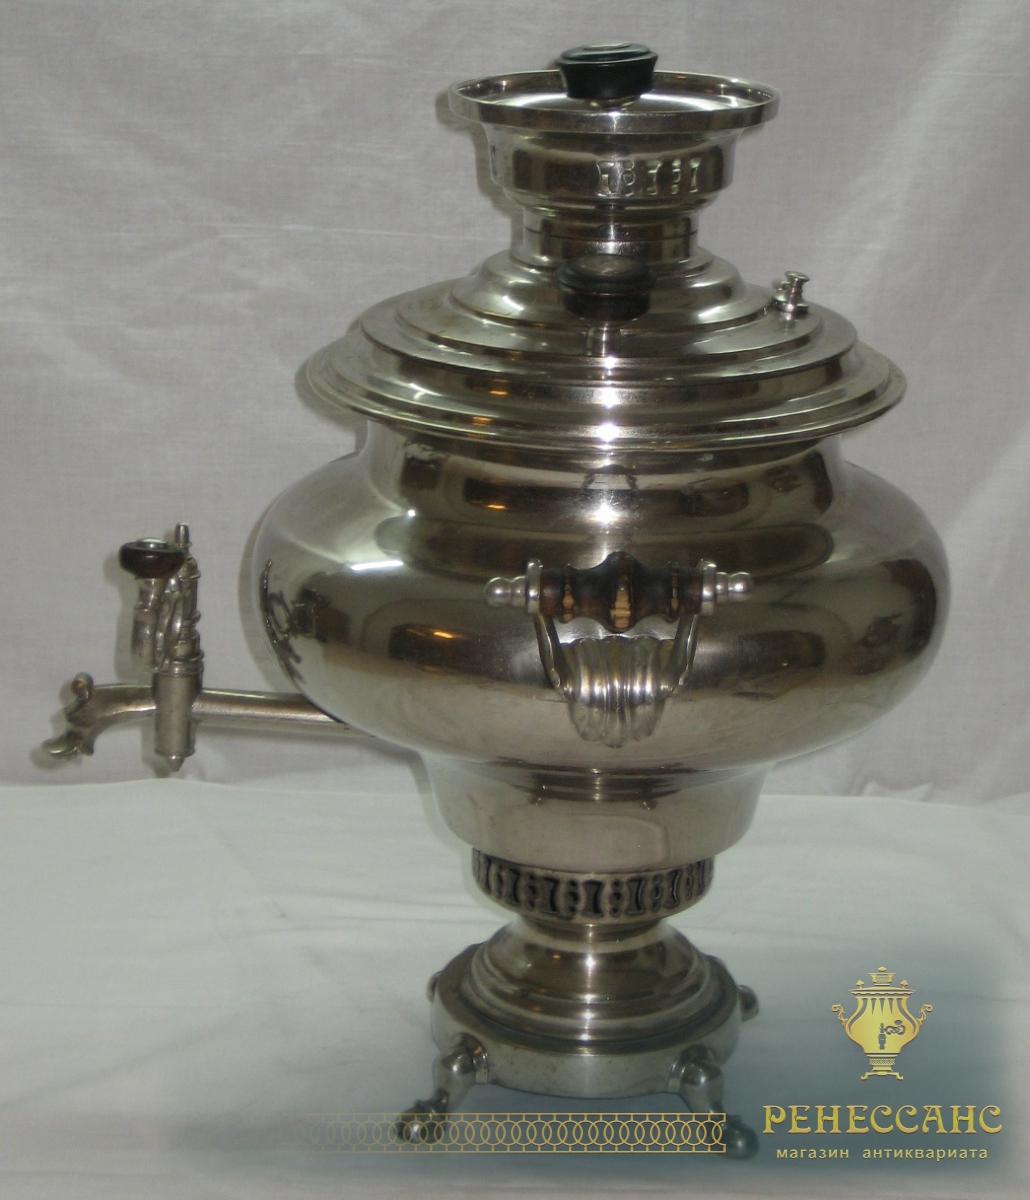 Угольный самовар «ваза» Аленчиков и Зимин в никеле на 4,5 литра №402